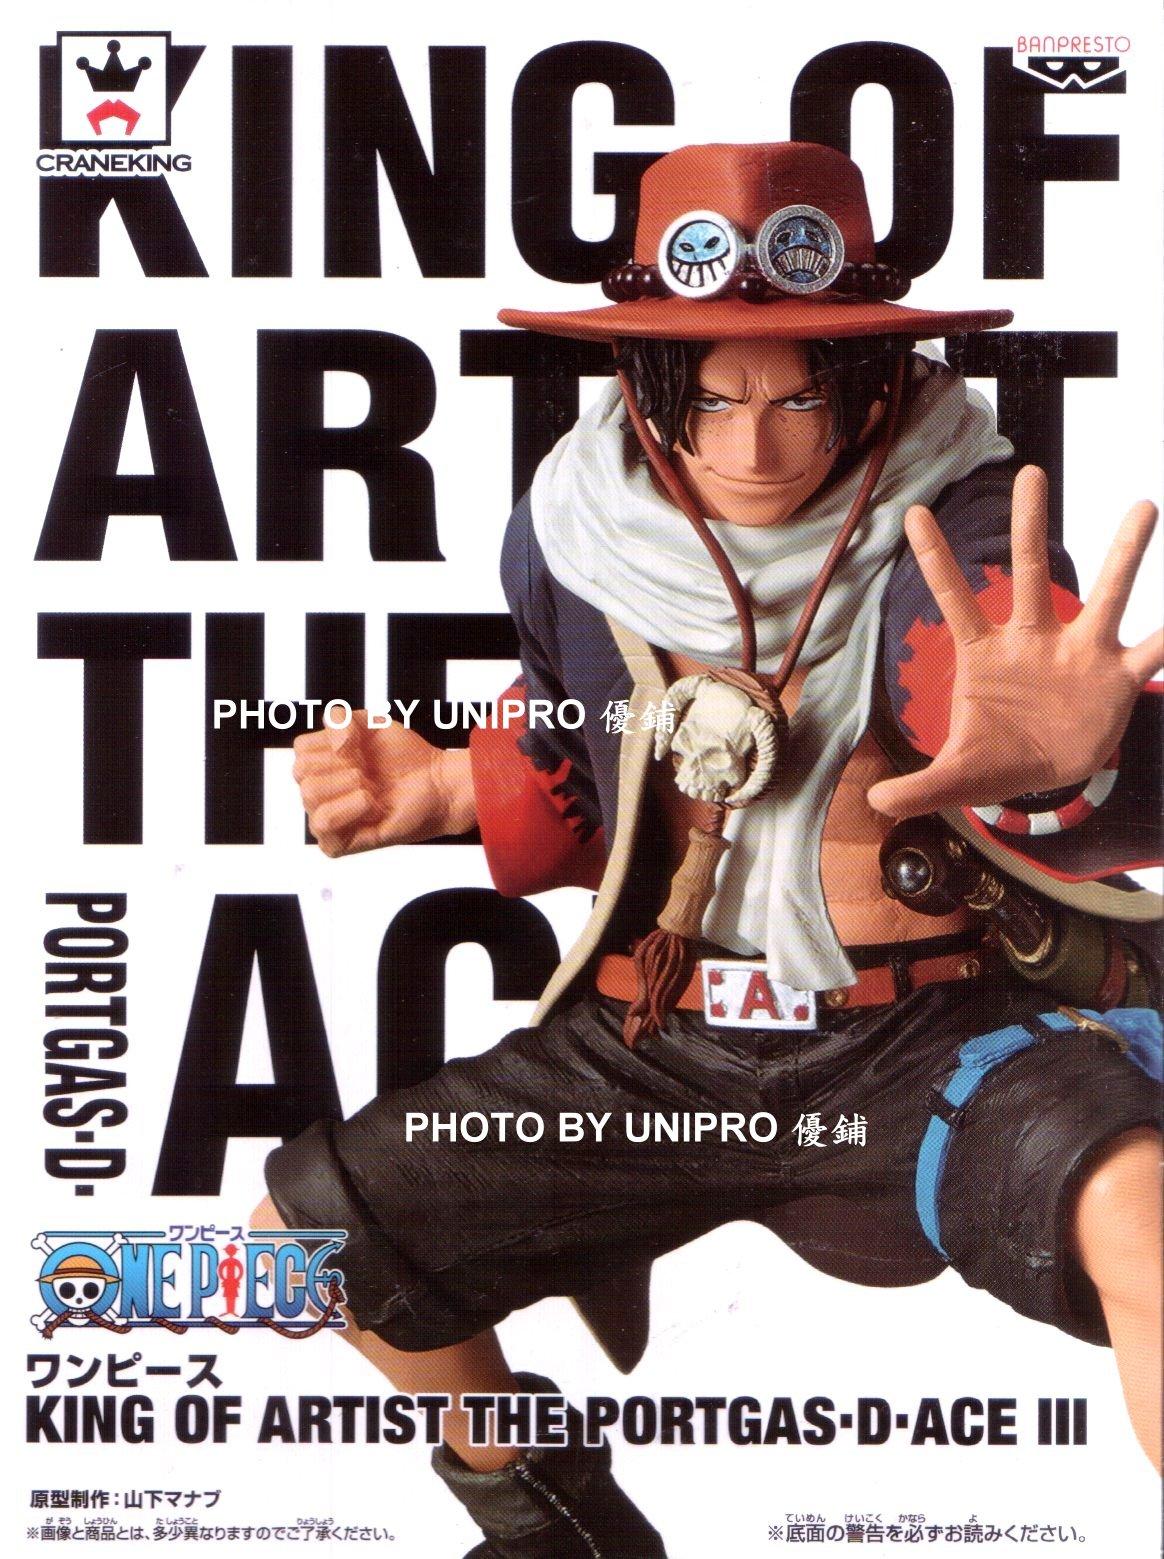 日版金證 火焰 燒燒果實 艾斯 KING OF ARTIST THE PORTGAS・D・ACE III  ONE PIECE 藝術王者 航海王 海賊王 彩色王 公仔